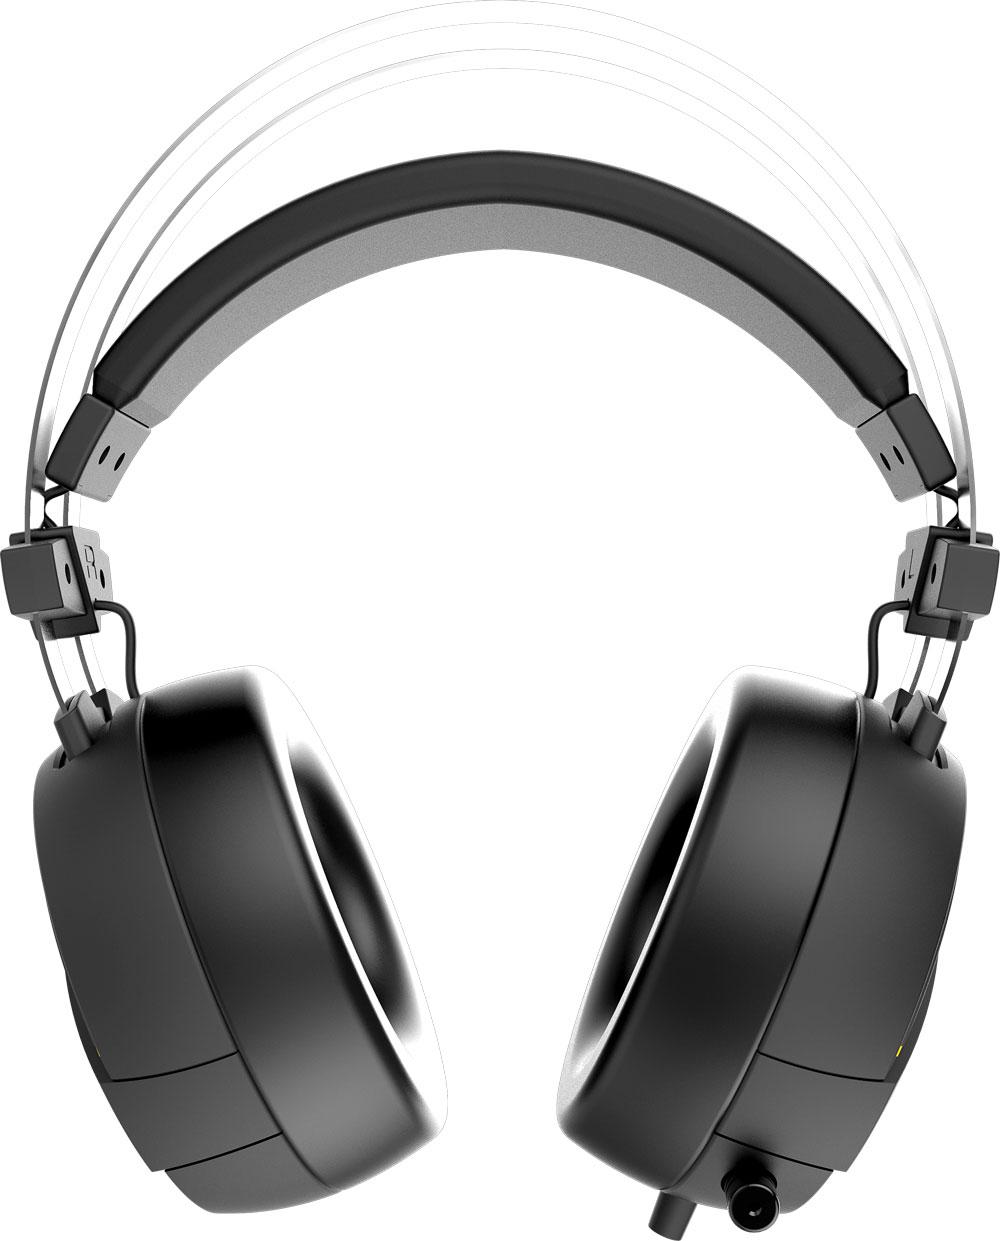 Gamdias Hebe M1 RGB 7.1 Gaming Headset